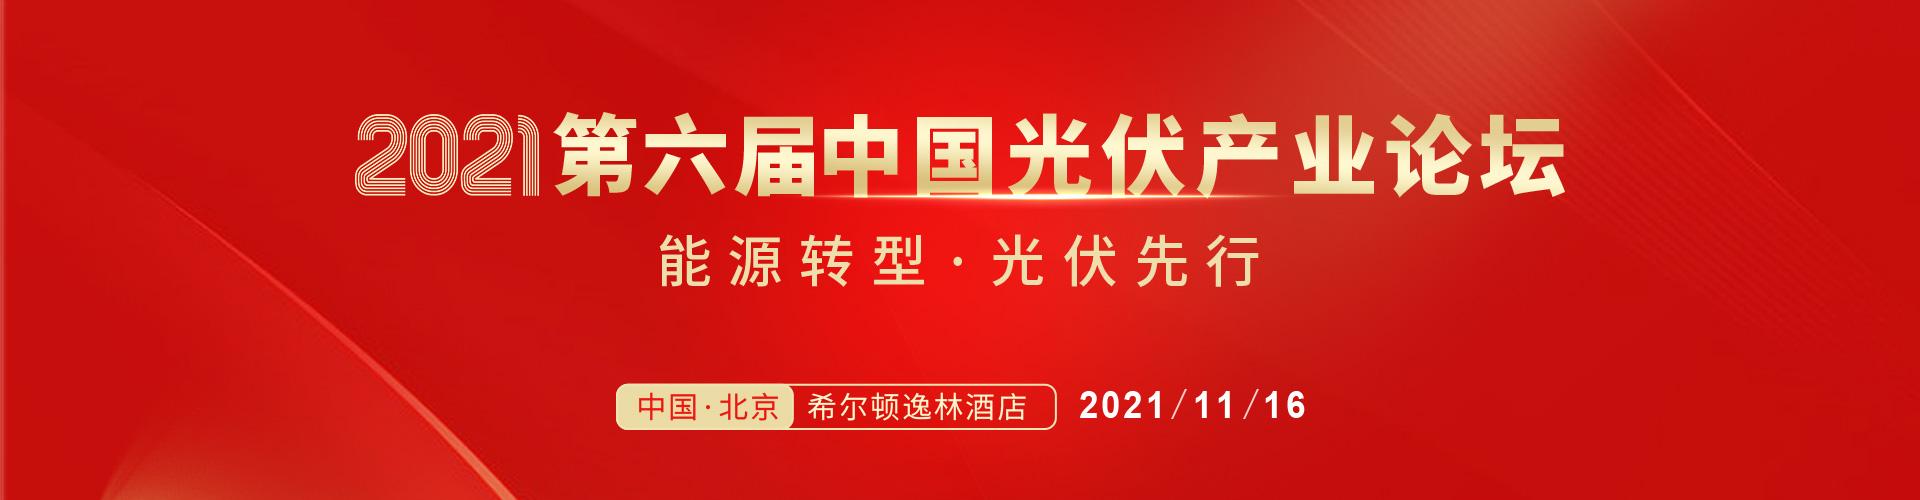 【预约报名】2021第六届中国光伏产业论坛